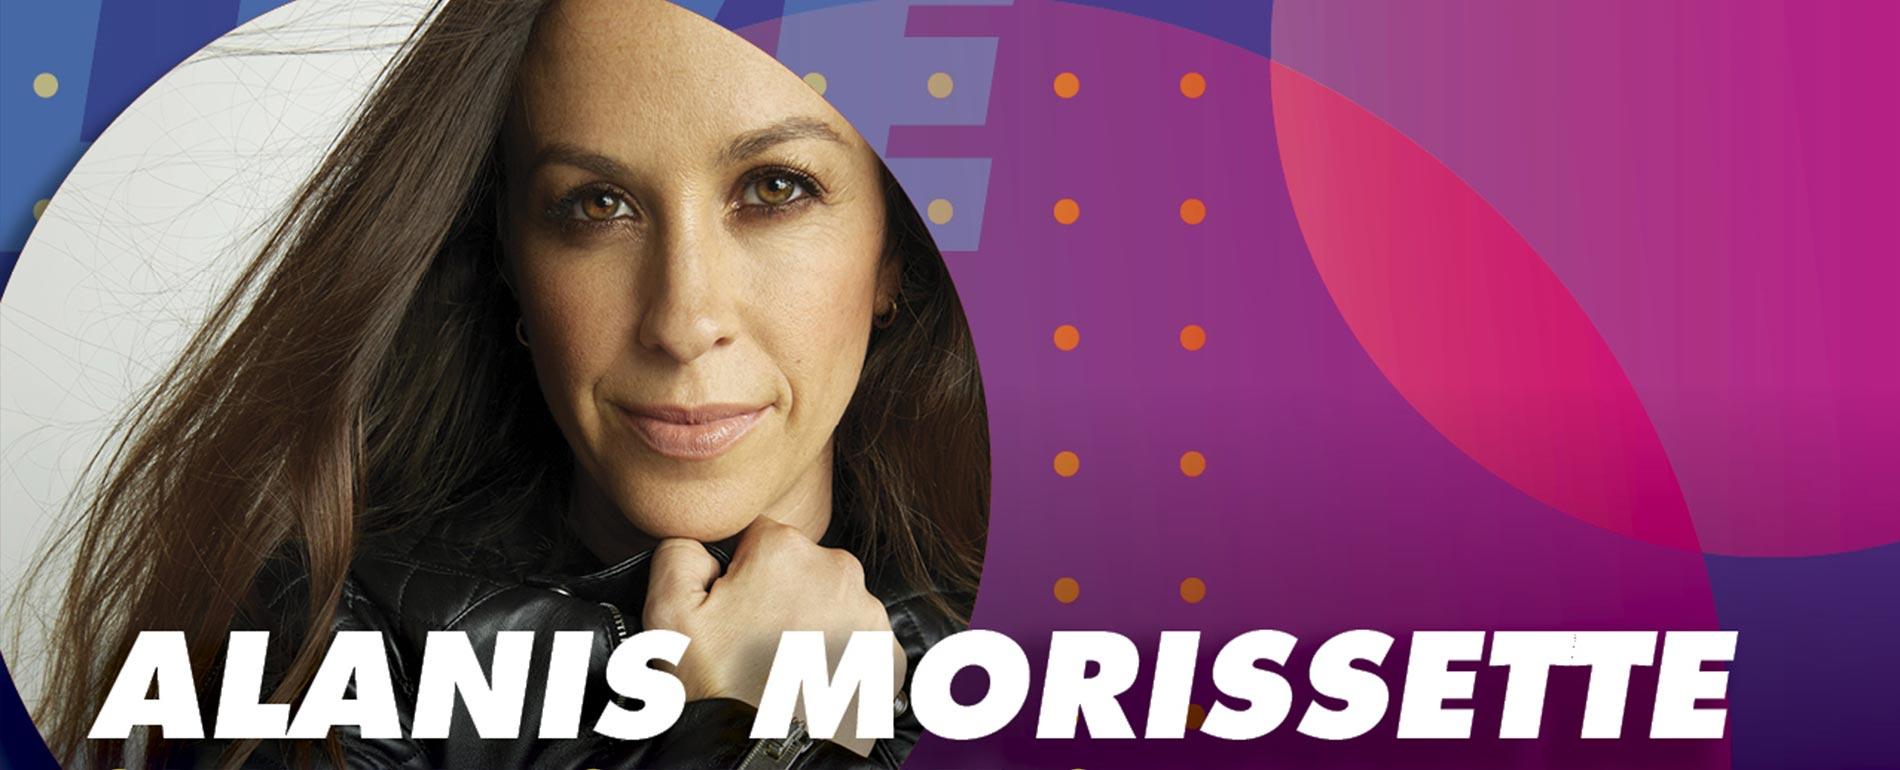 Alanis Morissette - Poconos Concert